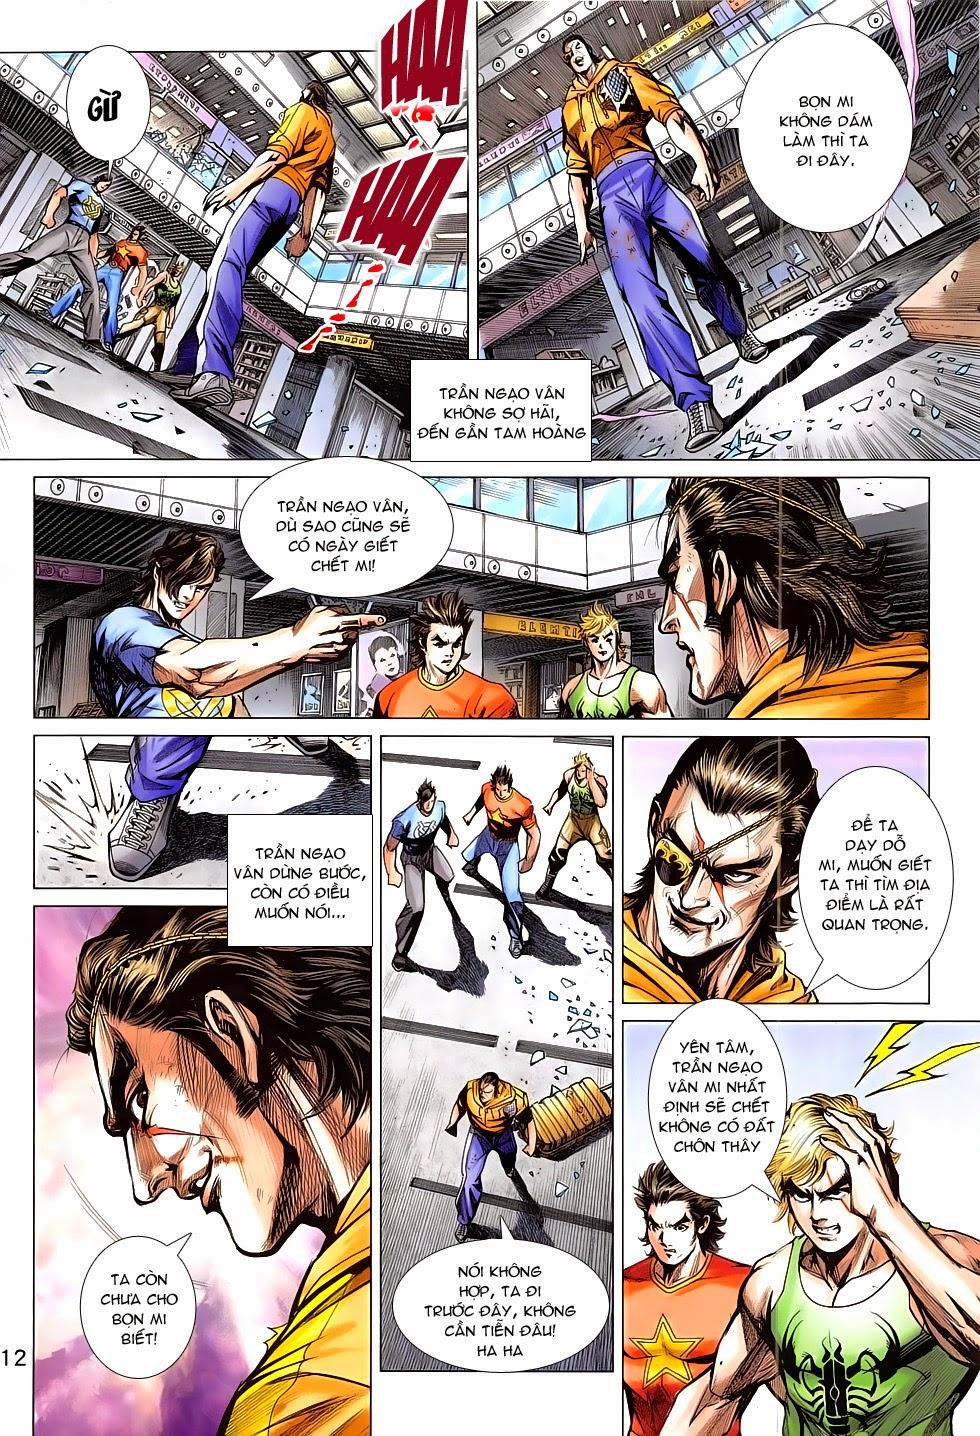 Tân Tác Long Hổ Môn chap 783 Trang 12 - Mangak.info